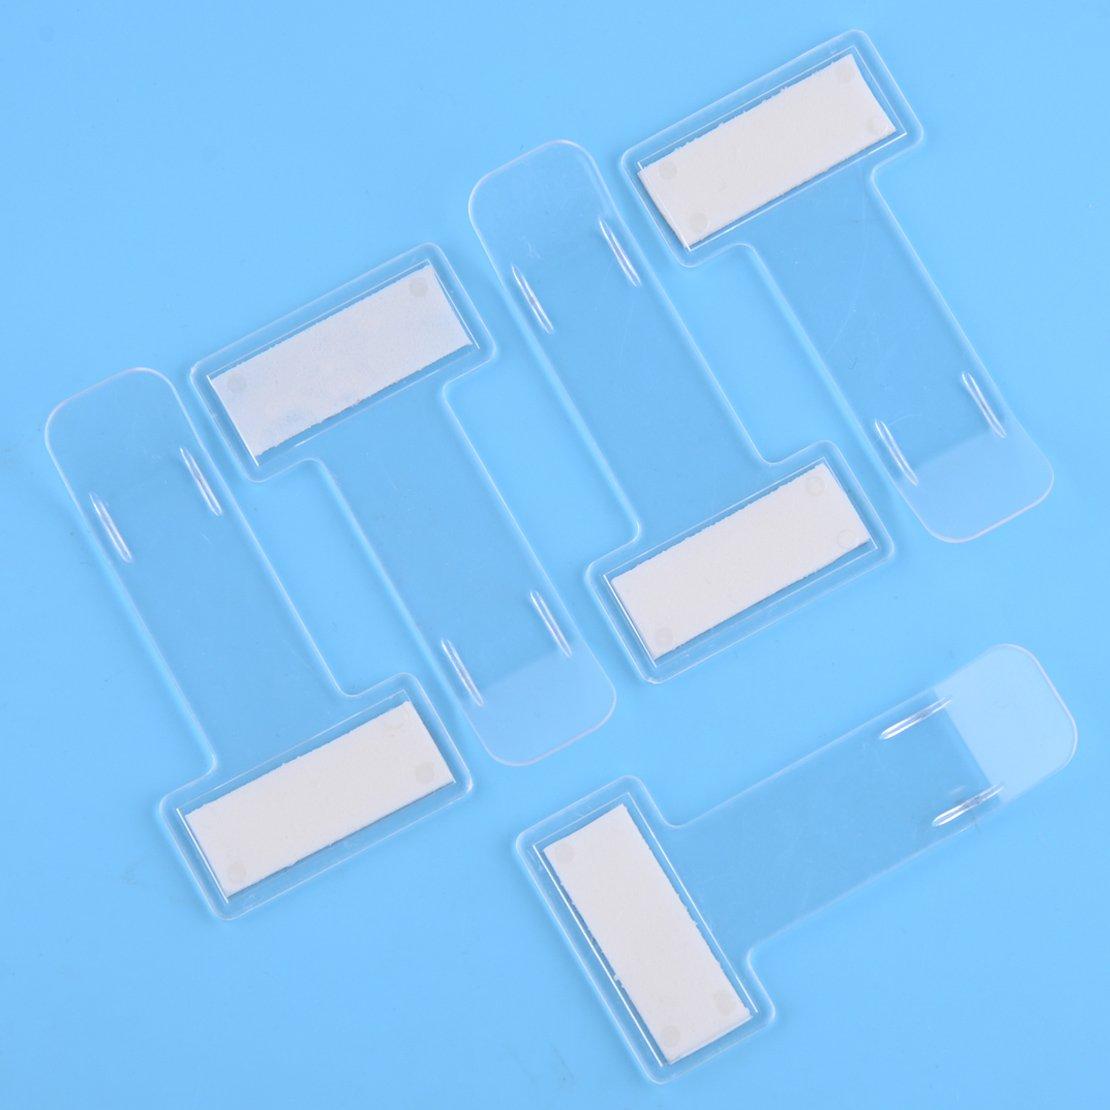 CITALL Clip en plastique transparent portatif de support de permis de stationnement de pare-brise de voiture sitao